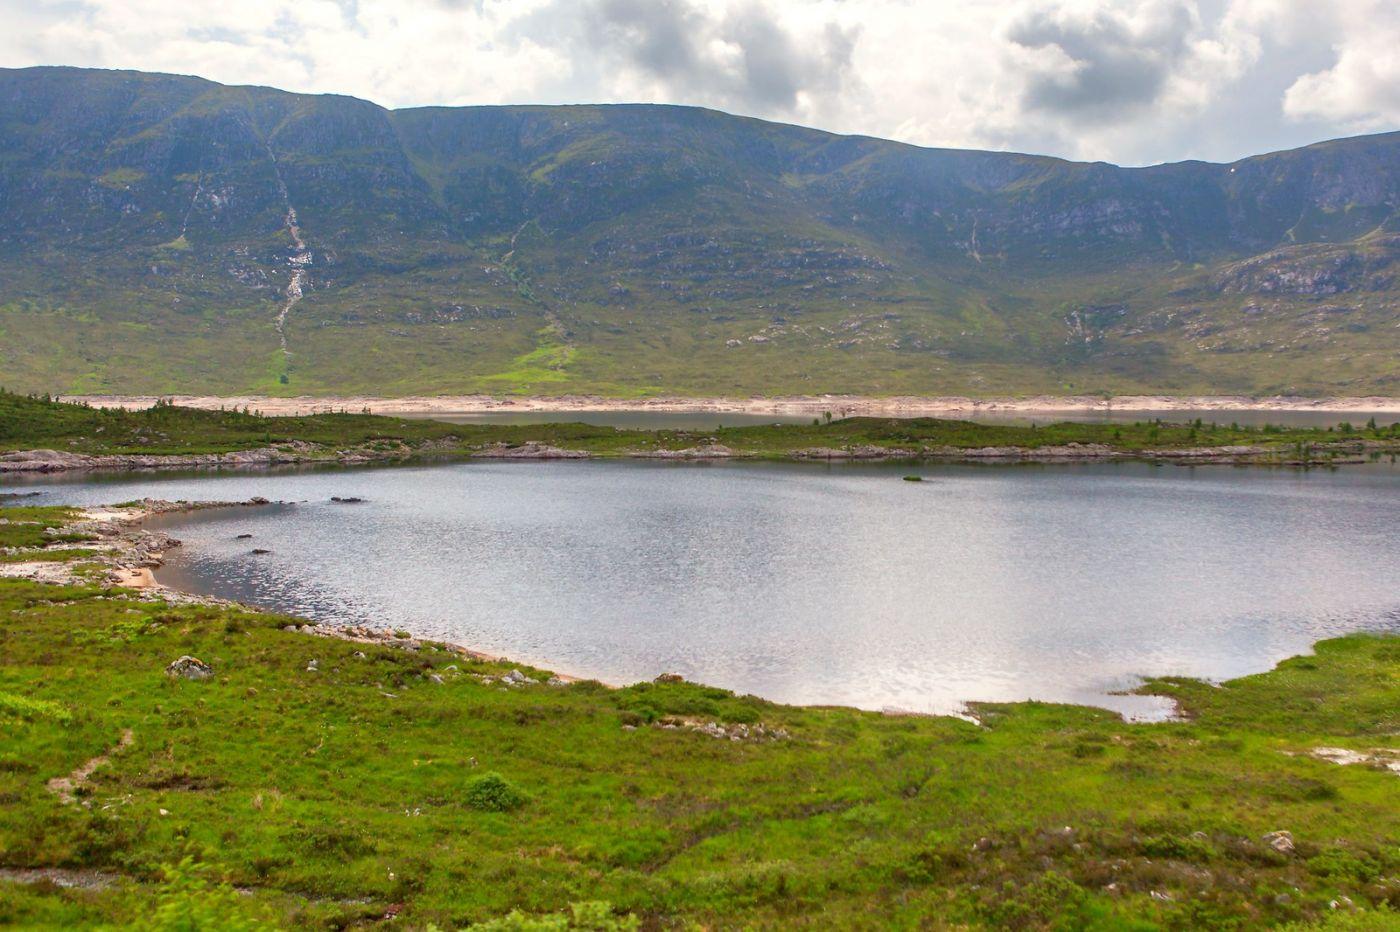 苏格兰美景,弯弯的沙滩_图1-22